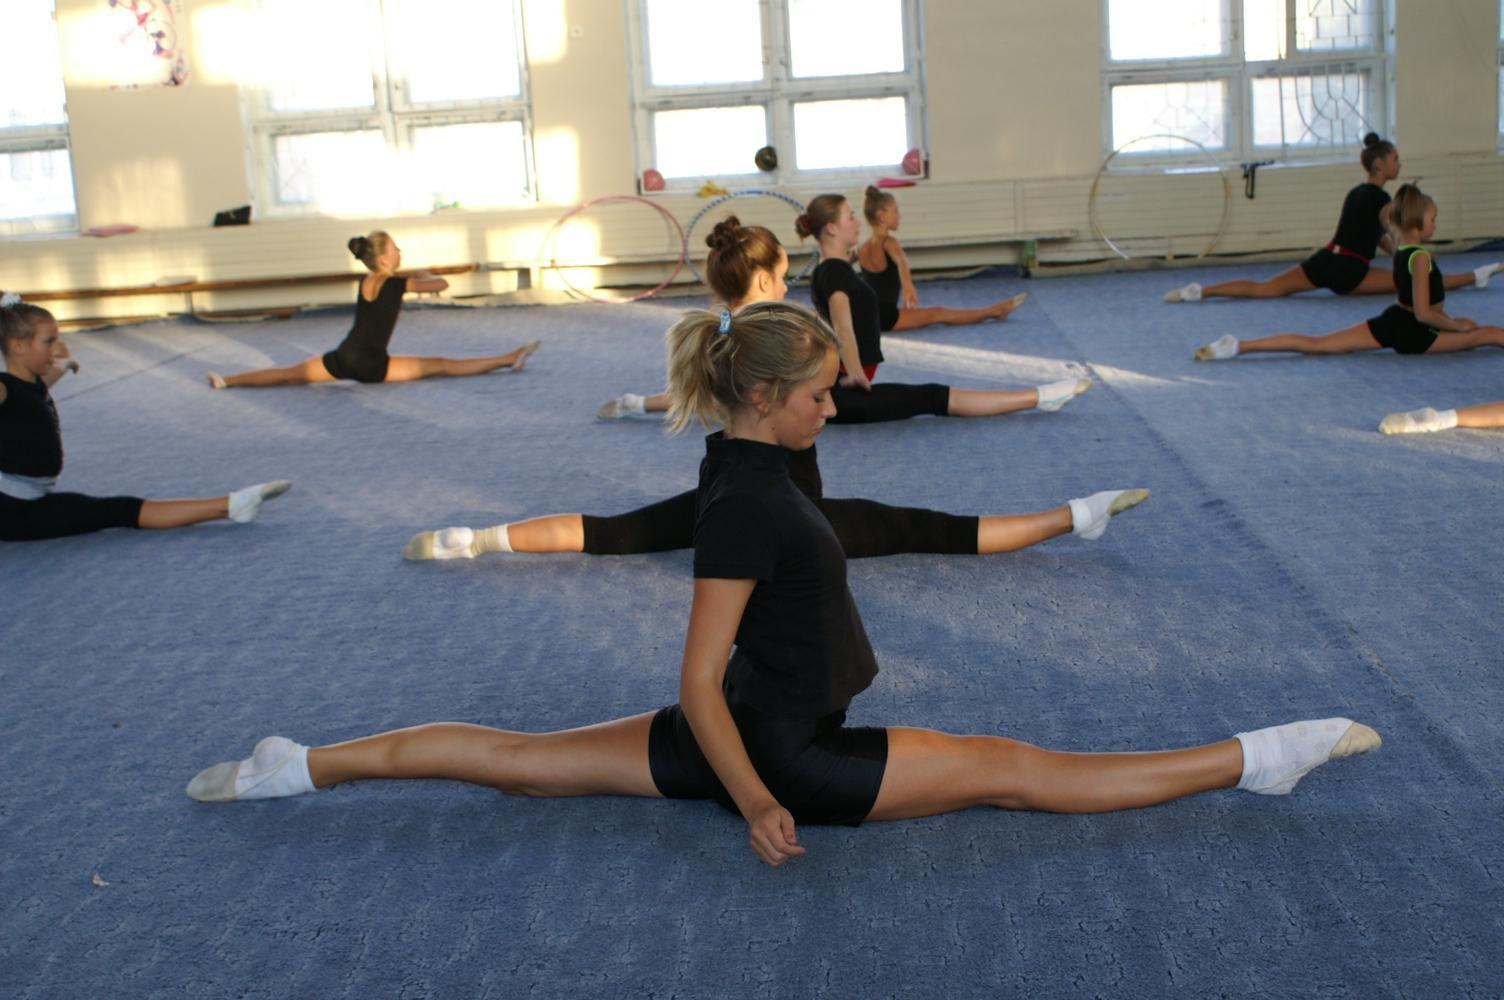 sportsmenki-gimnastki-video